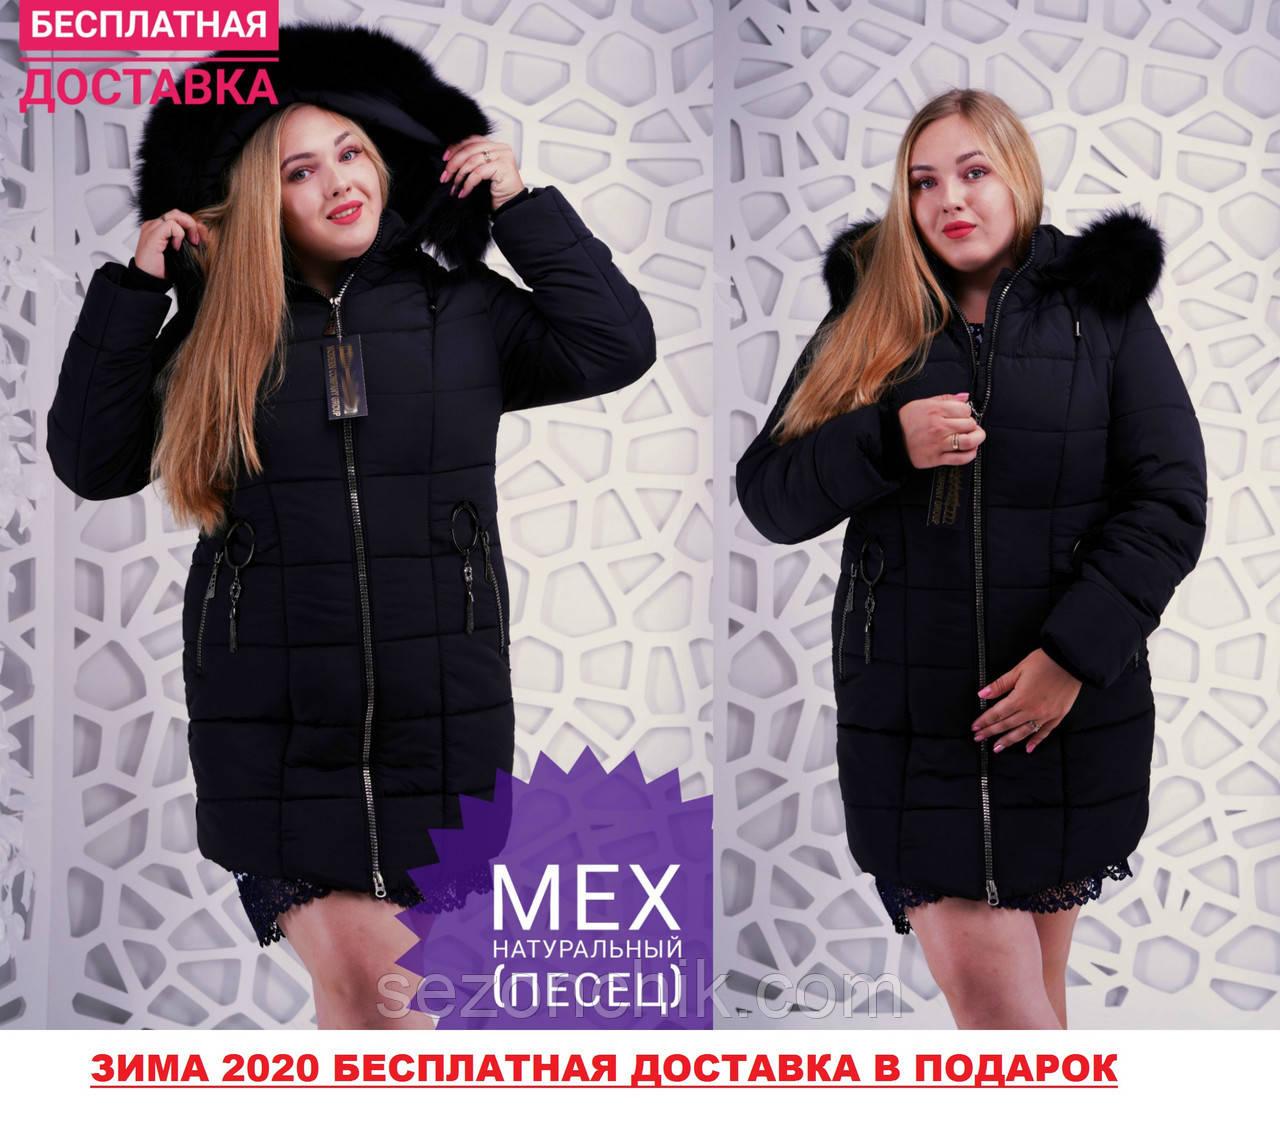 Зимние женские куртки с мехом от производителя